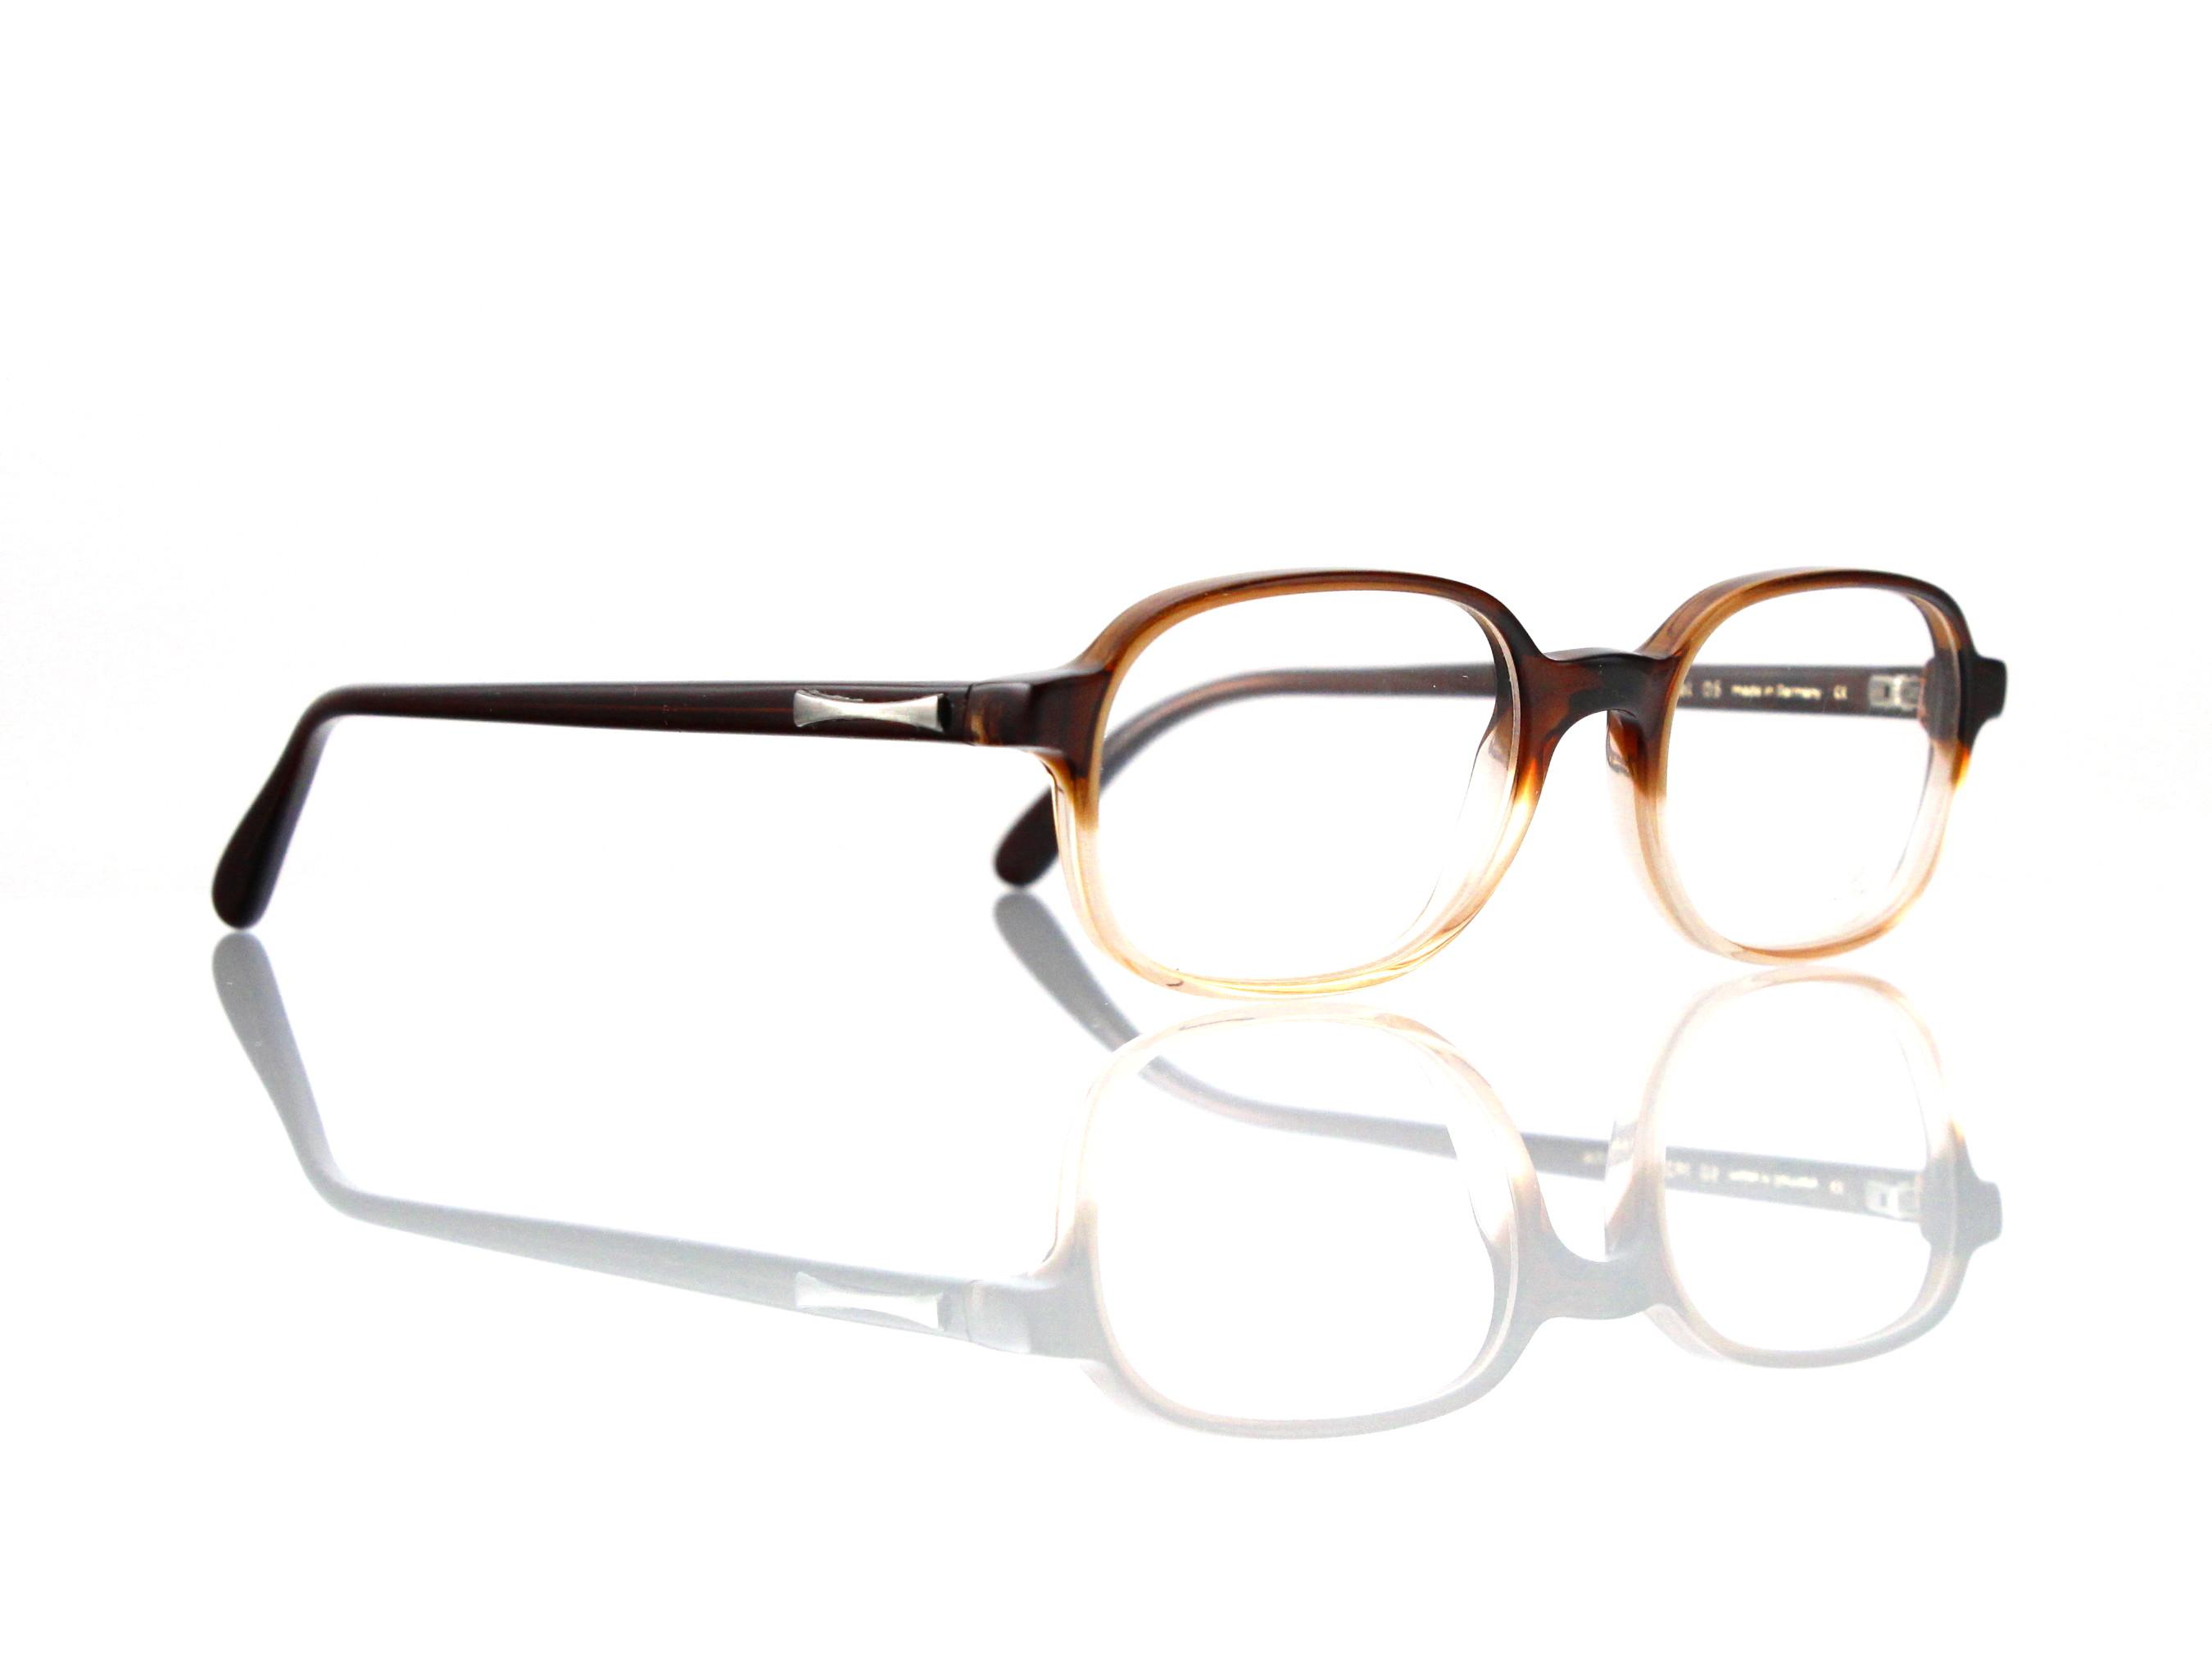 acfcf74bf44 Blickpunkt-Brillen • Online-Shop • Marken • Brillen • Fassungen • Marke •  Hersteller • Lunor • Kollektion • Linie • Lunor Eyewear • Kollektion •  Linie ...